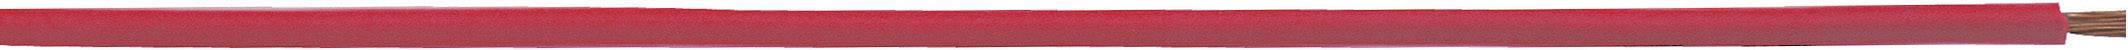 Opletenie / lanko LappKabel 4510042S H05V-K, 1 x 0.75 mm², vonkajší Ø 2.70 mm, 250 m, červená